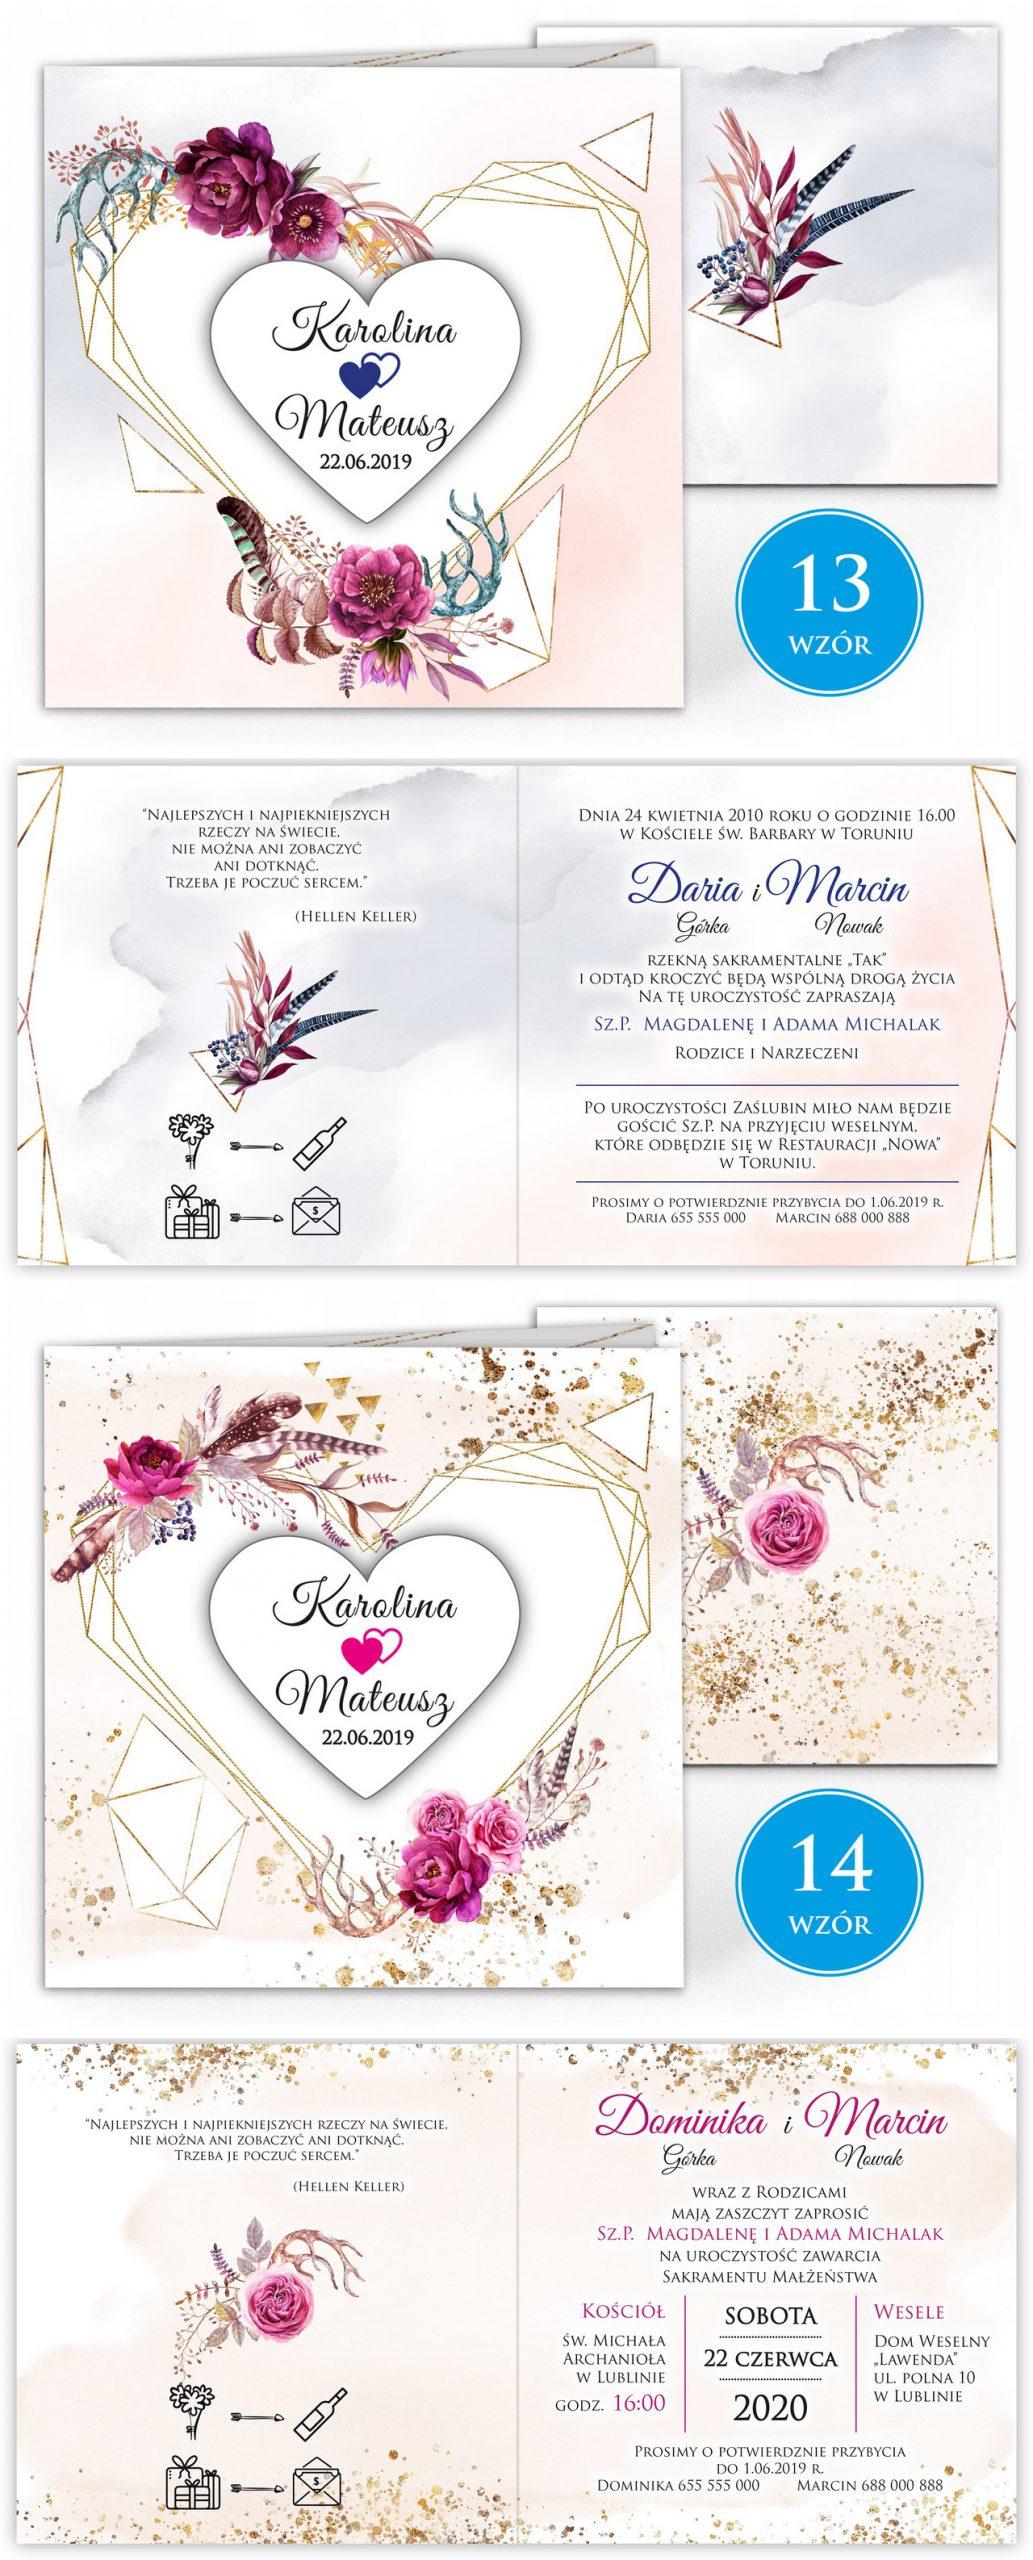 zaproszenia-ślubne-boho-rustykalne-kwiatowe--ramki-serca-geometryczne-ze-wstążką-Wenus2-plansza-wzory13-14